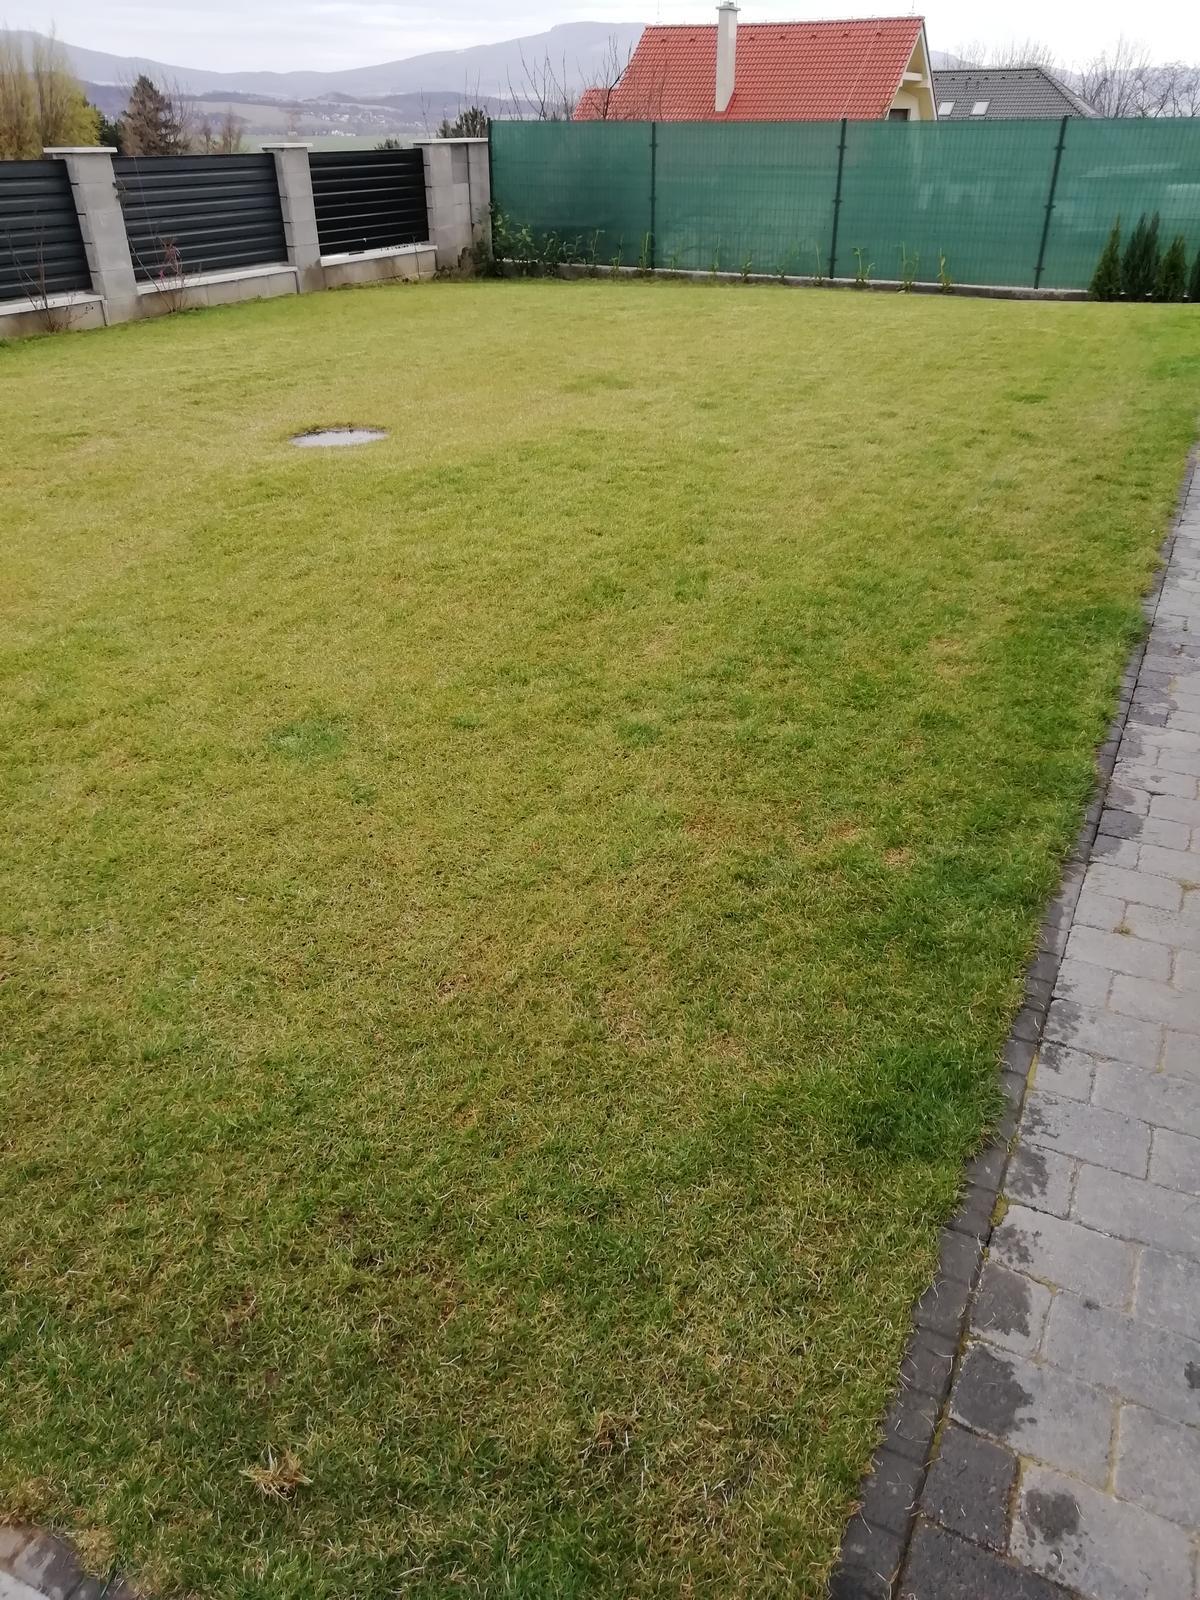 Záhradka 2019/20 bývame 4 a 5 rok :-) - Prvé kosenie a hnojenie... Dúfam, že sa mu bude dariť